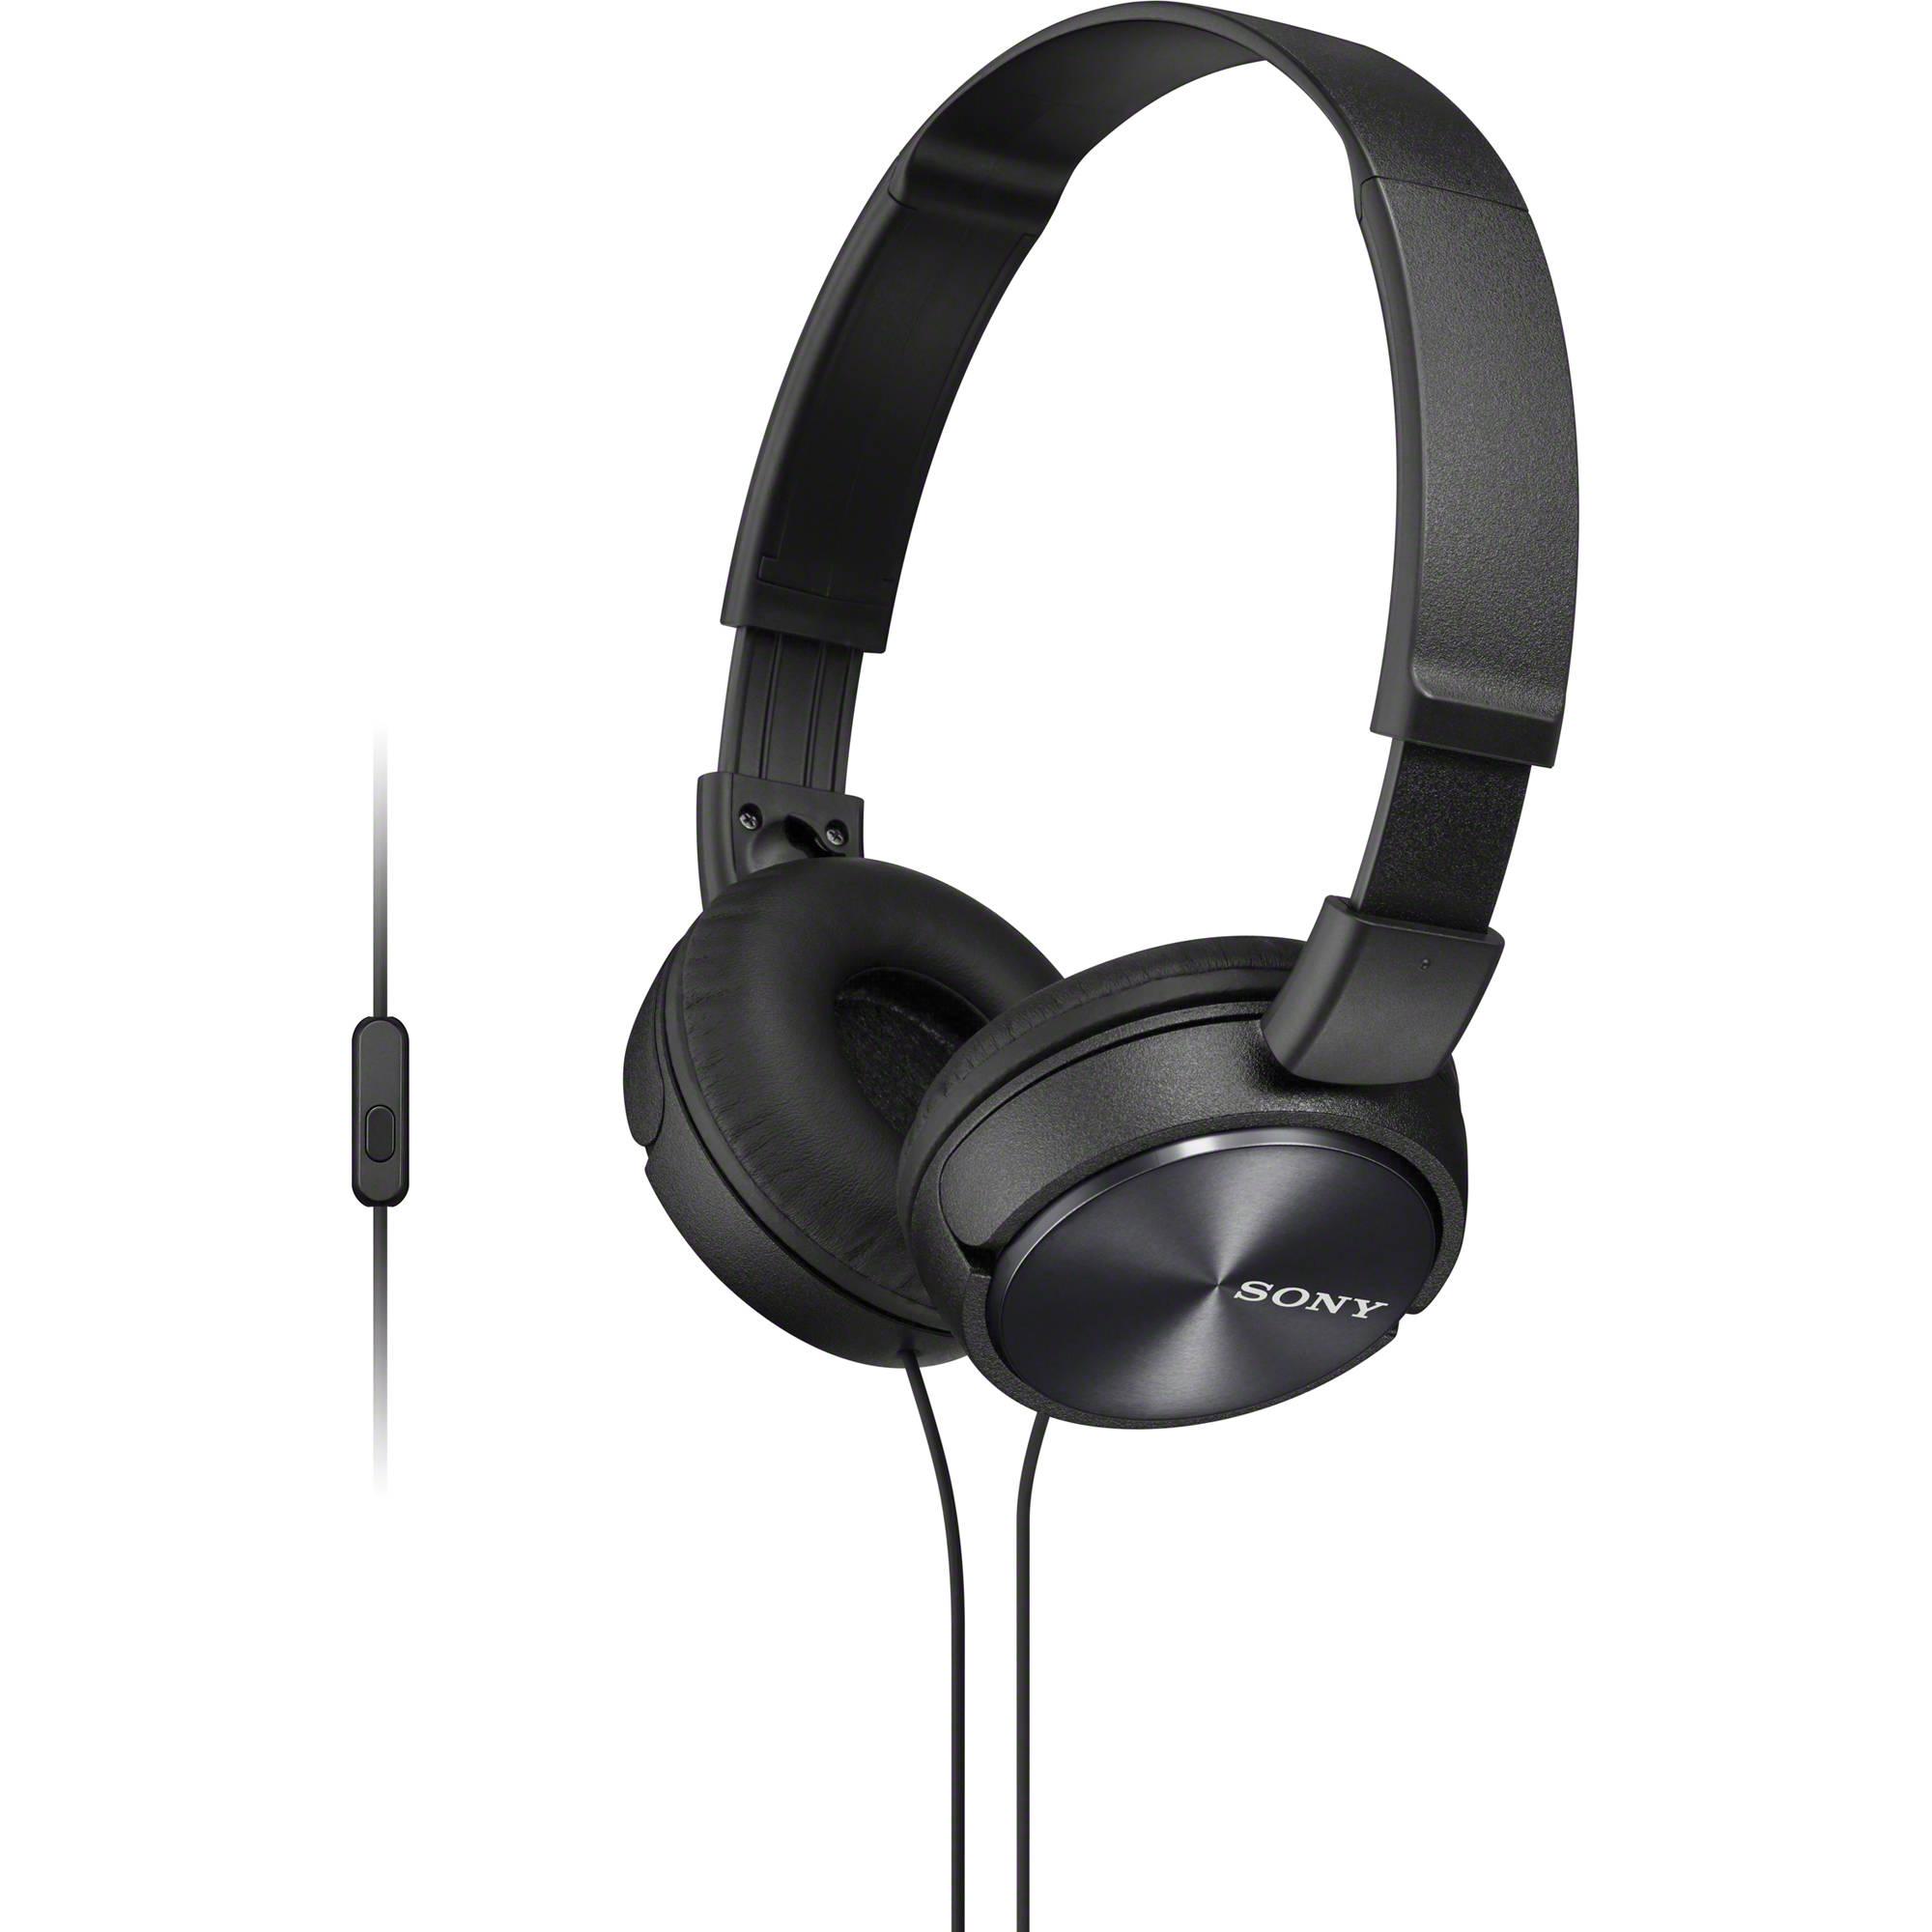 Гарнитура Sony MDR-ZX310AP BlackНаушники и гарнитуры<br>Sony MDR-ZX310AP Black: больше возможностей за меньшую цену.<br>Накладные наушники Sony MDR-ZX310AP Black созданы не только для того, чтобы вы слушали любимые музыкальные мелодии везде, где бы ни находились. Эти наушники пригодятся вам еще и для общения, ведь они выполняют функцию гарнитуры! Причем, очень удобной, в чем вы тут же убедитесь, как только опробуете эту модель, подключив ее к своему смартфону.<br>Мягкие амбушюры, регулируемое оголовье, складная конструкция, хороший диапазон частот — 10-24000 Гц: у этих наушников всё, как надо. Пожалуй, их можно назвать одними из...<br><br>Тип: гарнитура<br>Тип акустического оформления: Закрытые<br>Вид наушников: Накладные<br>Тип подключения: Проводные<br>Диапазон воспроизводимых частот, Гц: 10-24000<br>Сопротивление, Импеданс: 24 Ом<br>Чувствительность дБ: 98<br>Микрофон: есть